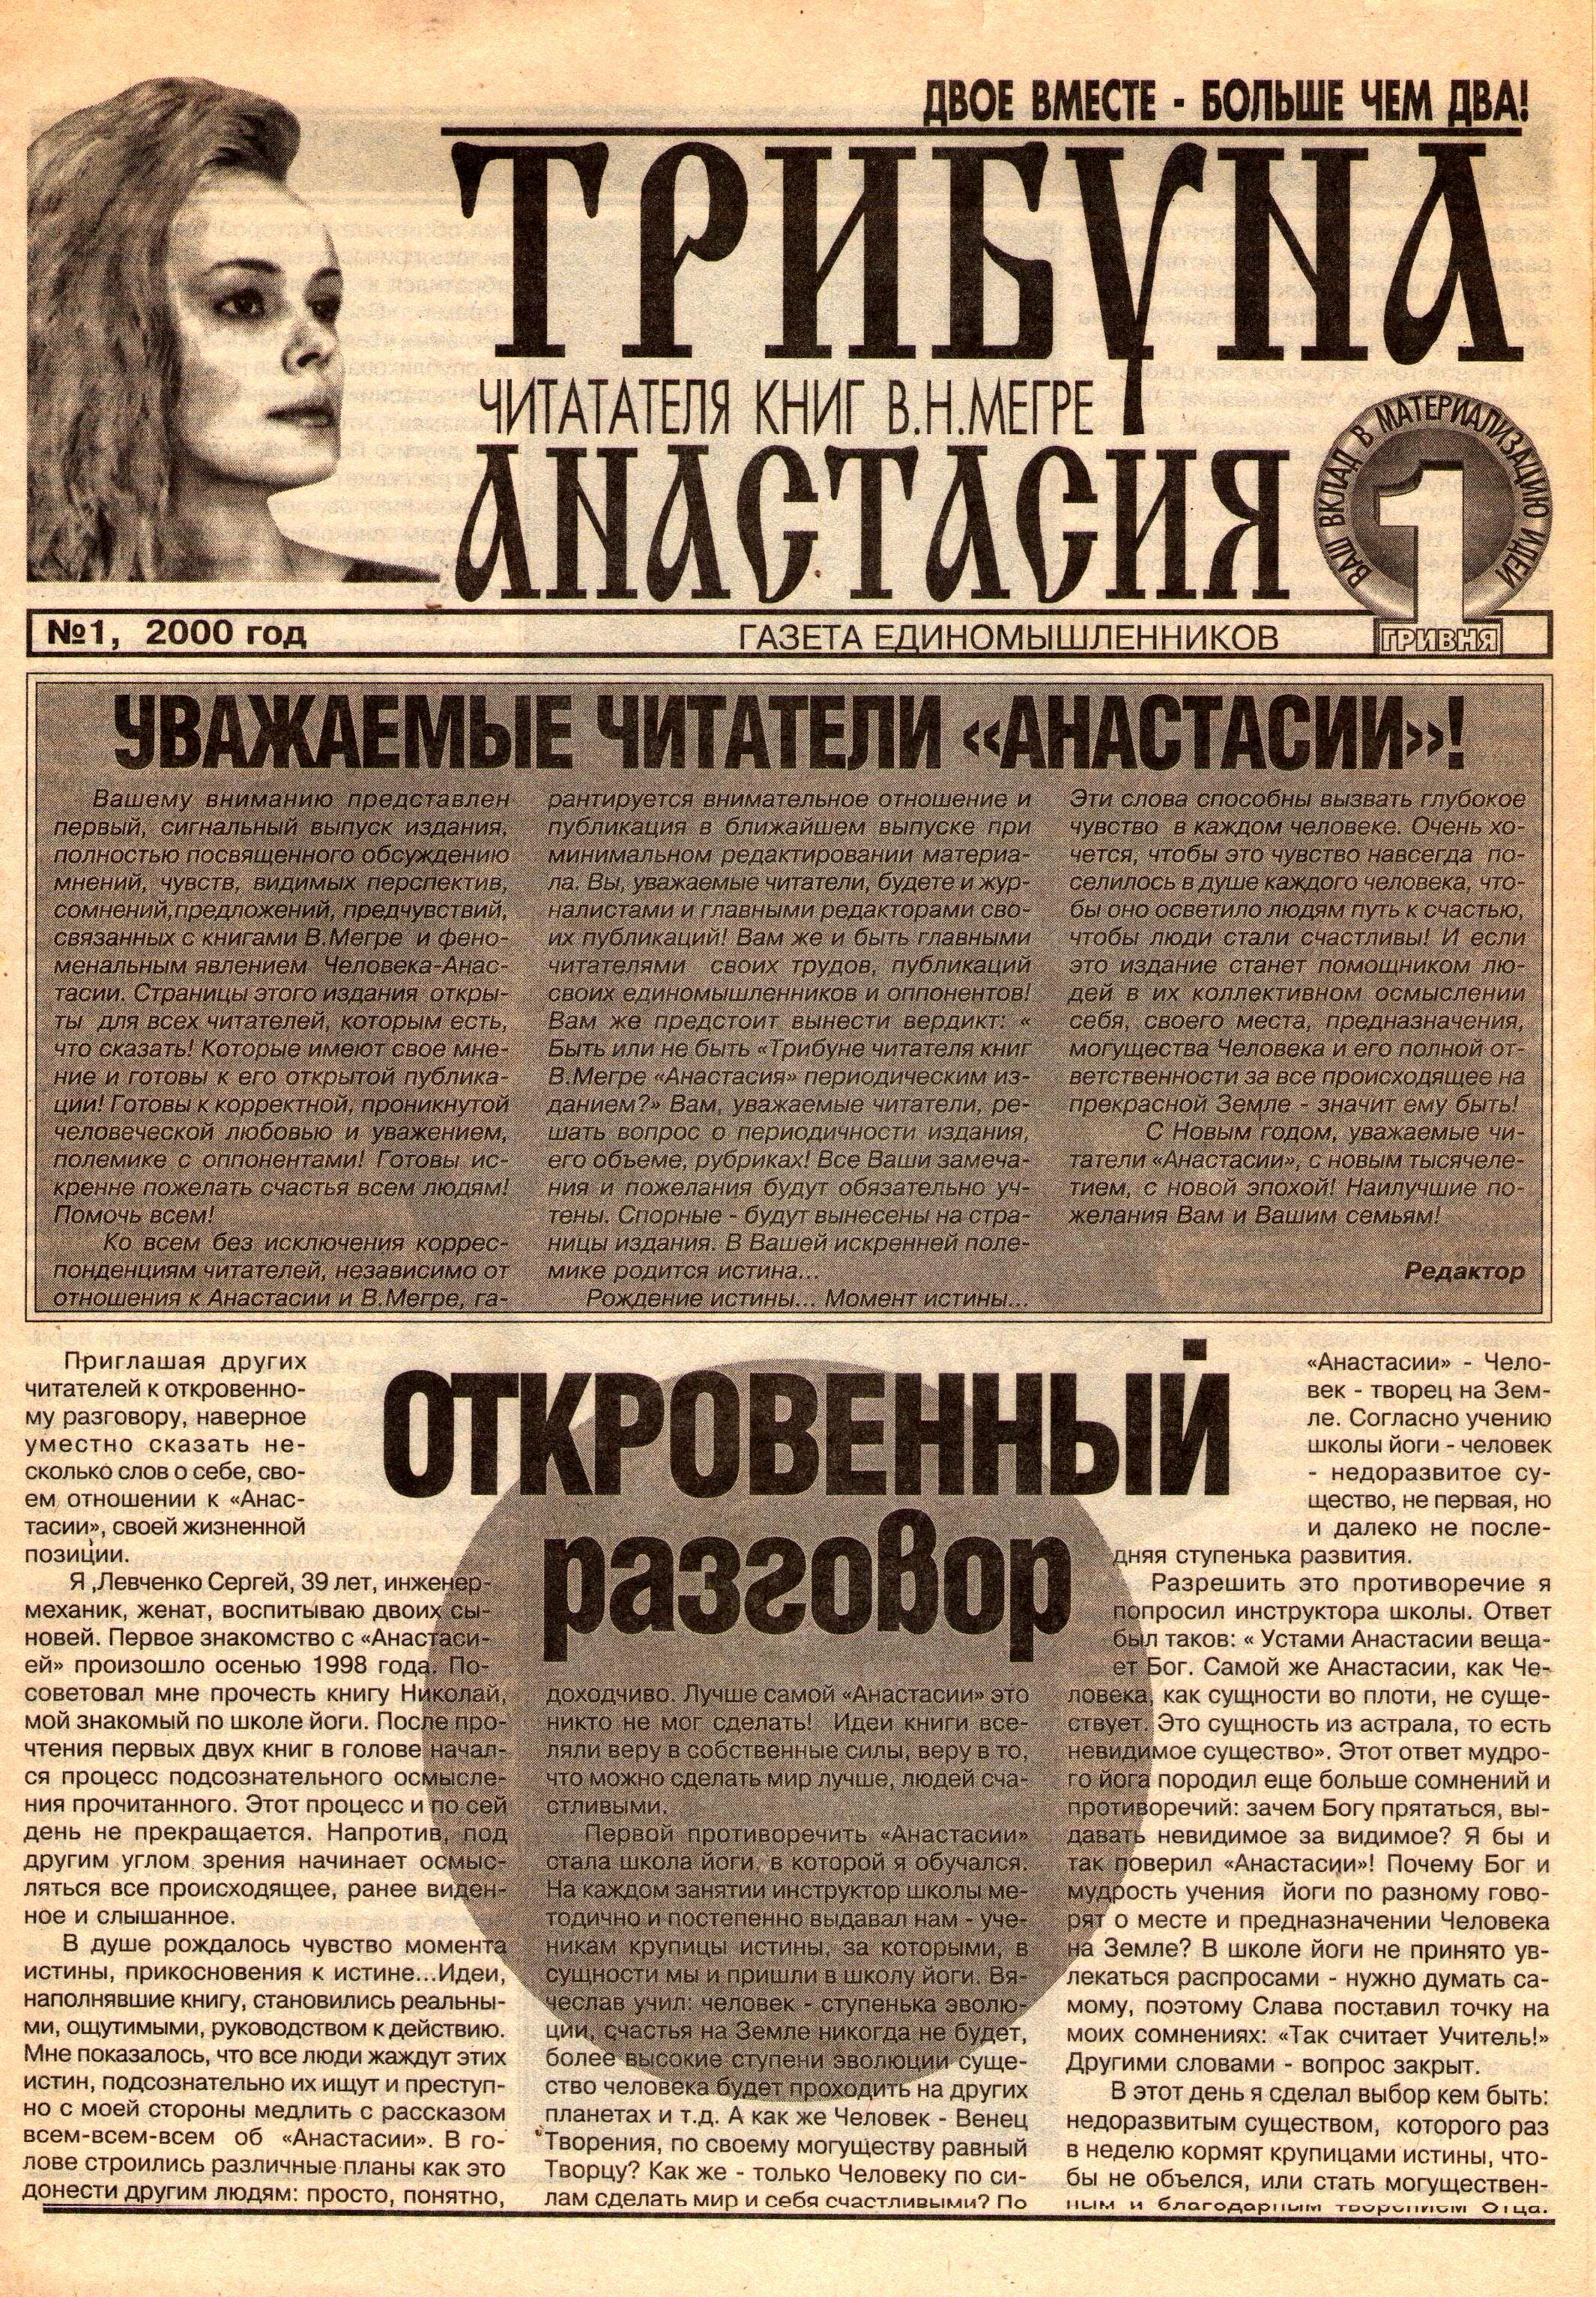 20 лет назад вышла первая газета читателей книг В.Мегре на Украине (1).jpg